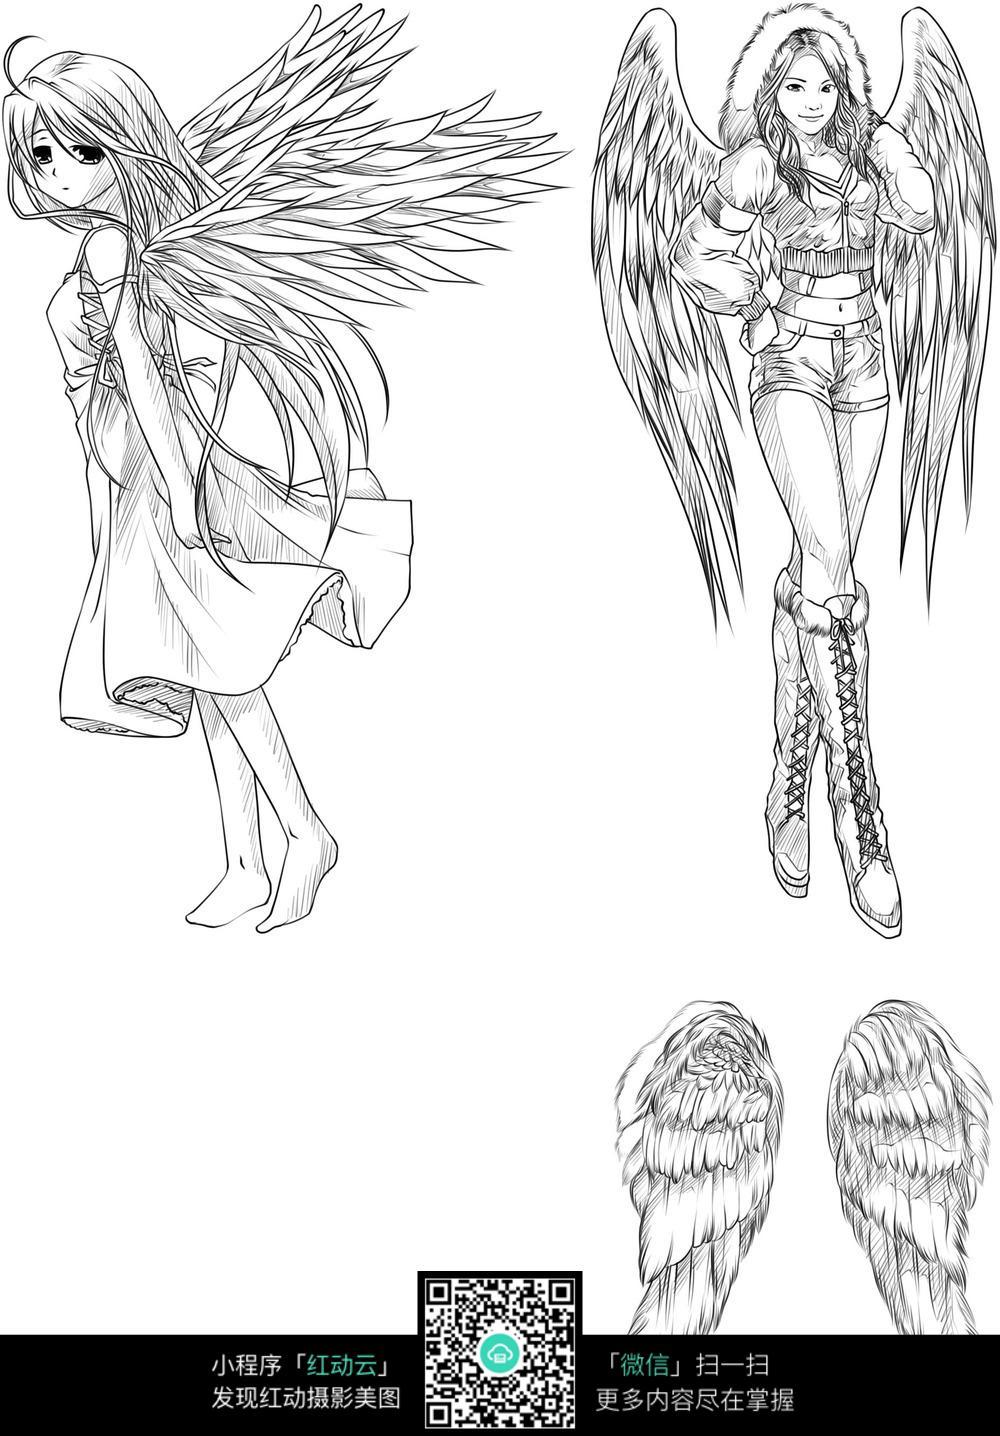 翅膀漫画女生图片免费下载(编号5220894)_红动网